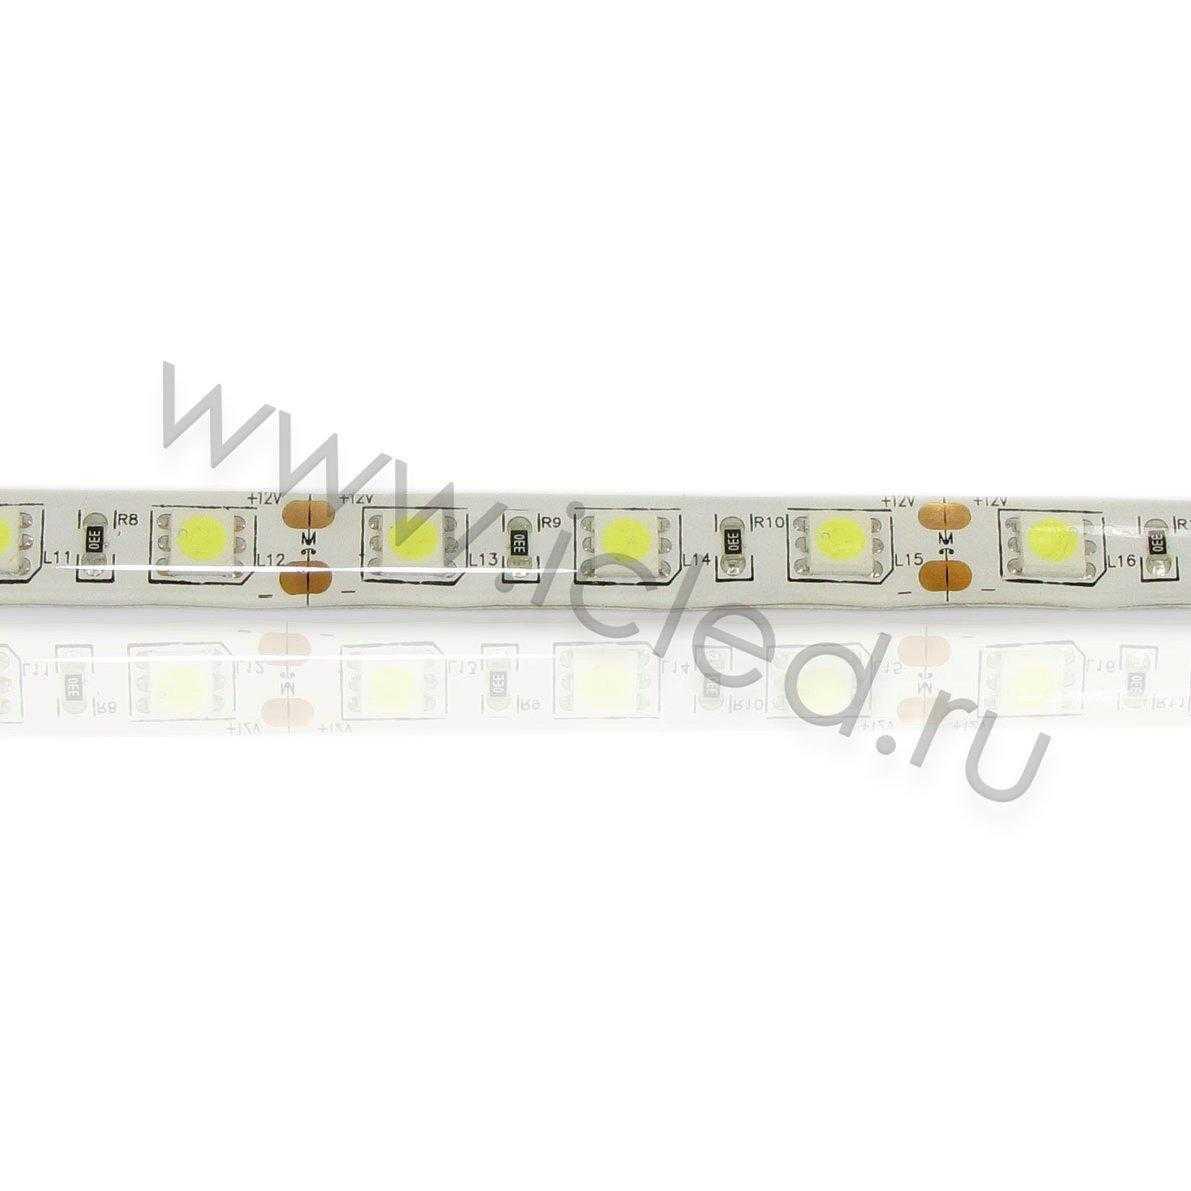 Светодиодная лента Class B, 5050, 60led/m, White, 12V, IP65